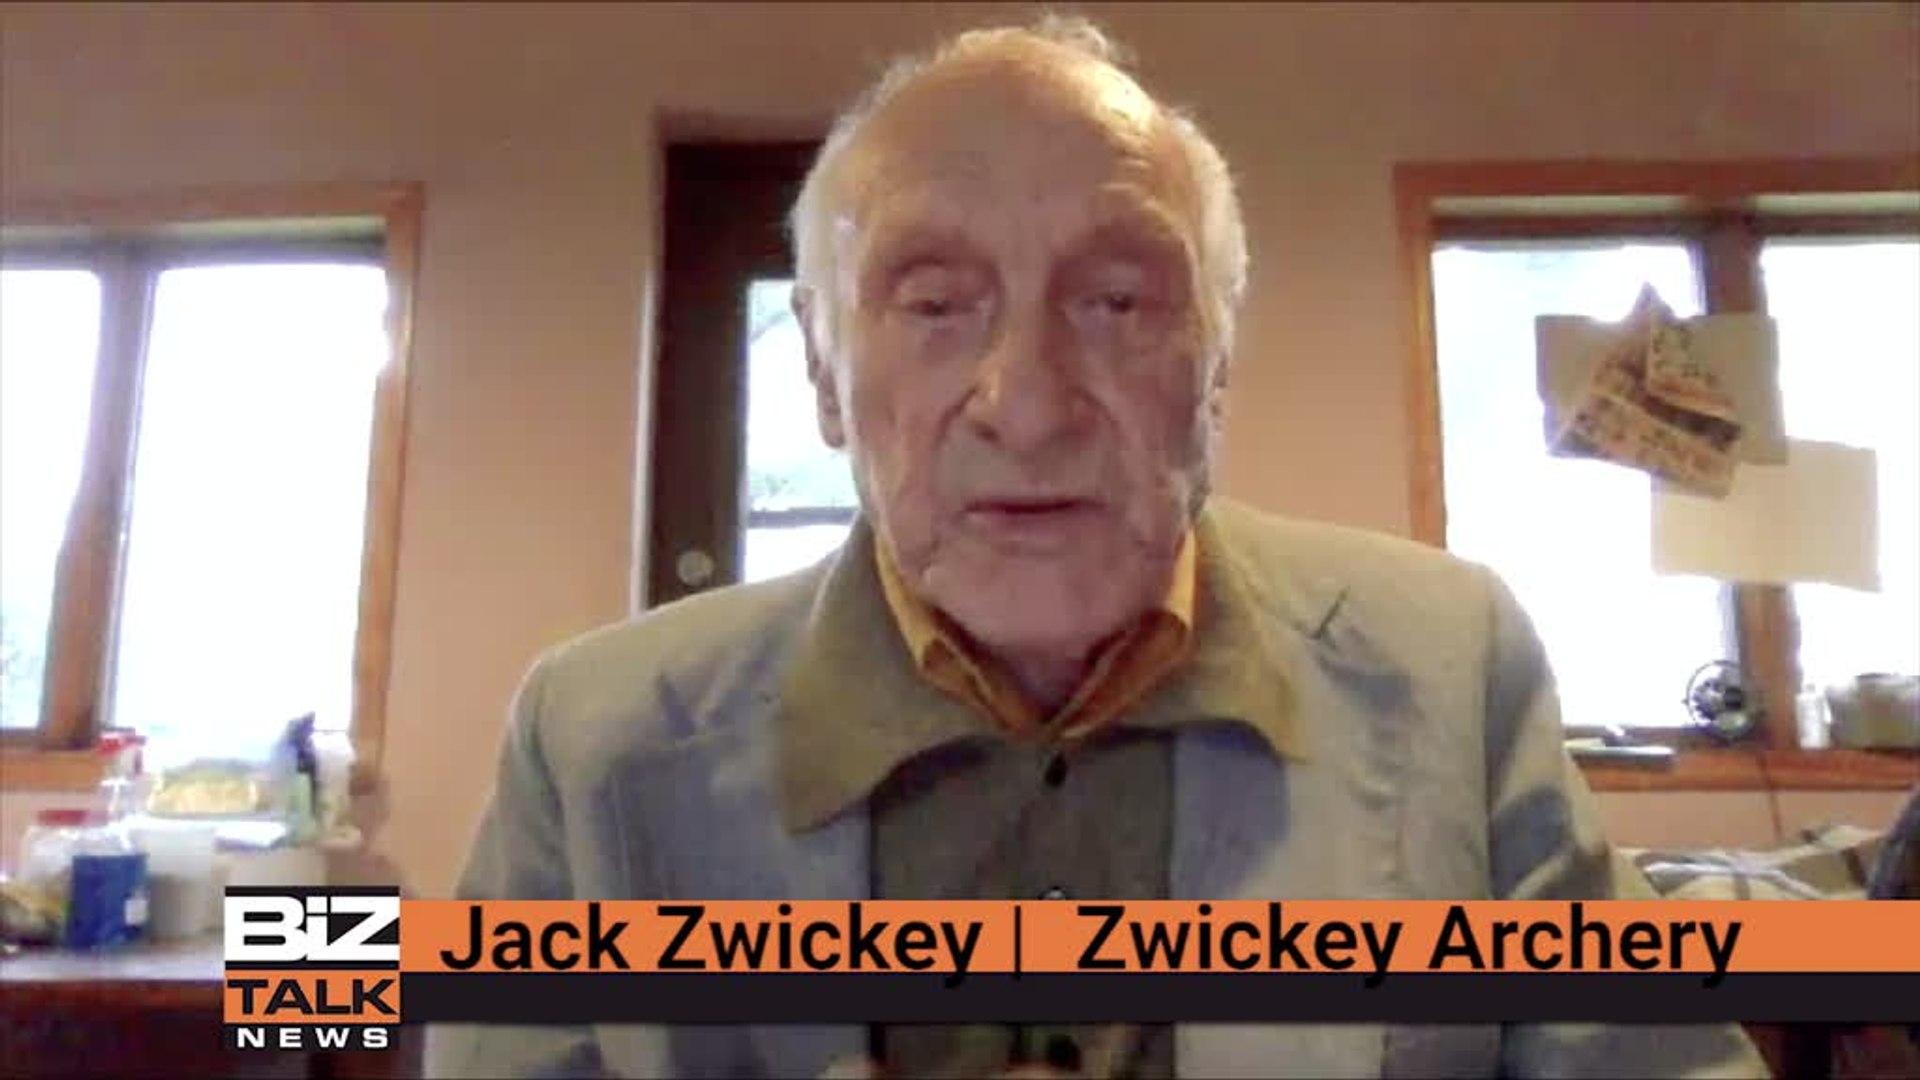 BizTalk Discovery  Zwickey Archery